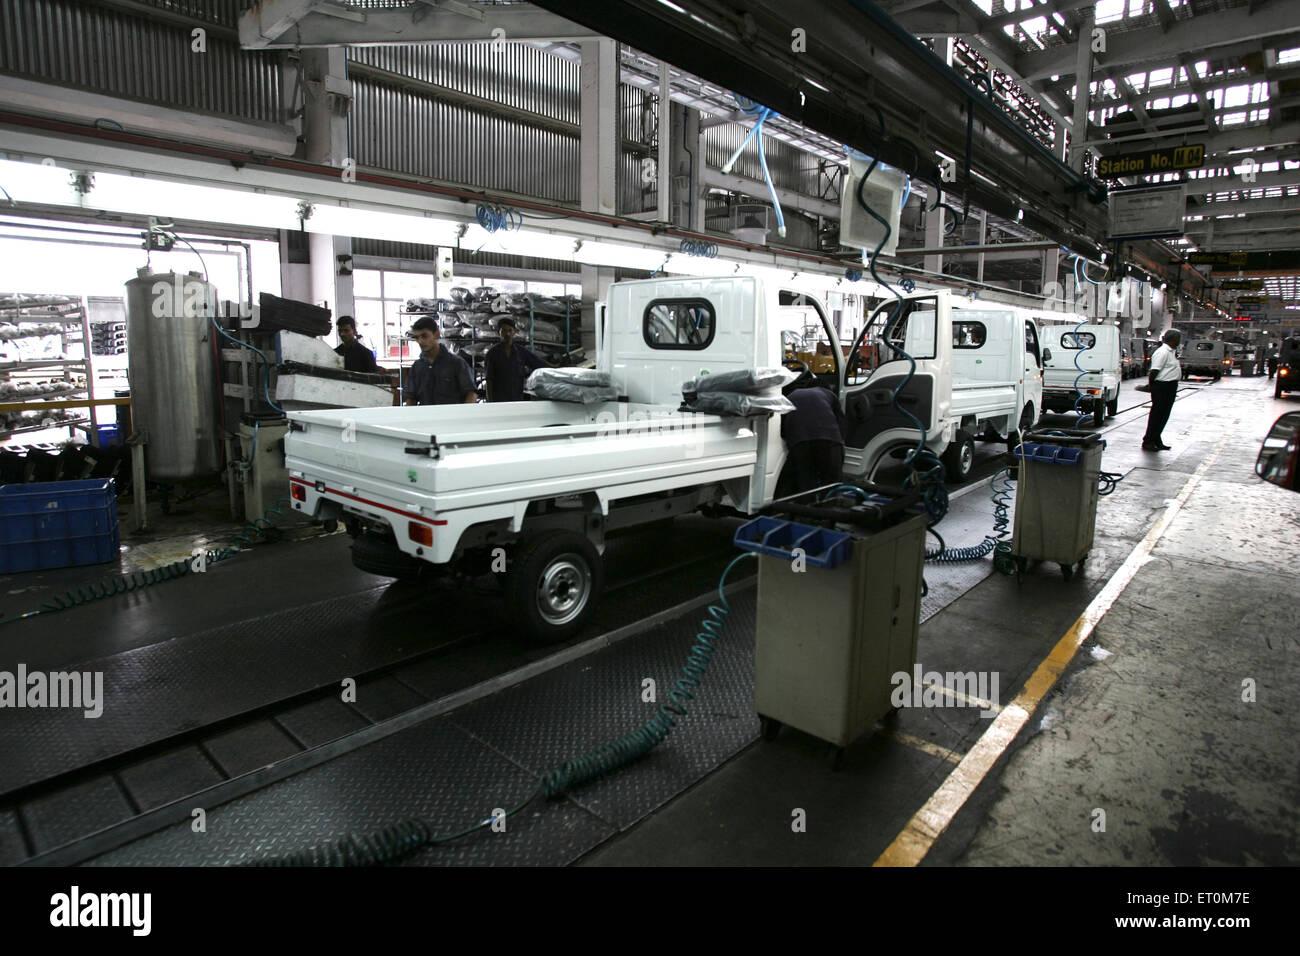 Tata motors new range mini matador Tata Ace commercial vehicle workshop at Tata motors plant ; Pimpri Pune - Stock Image